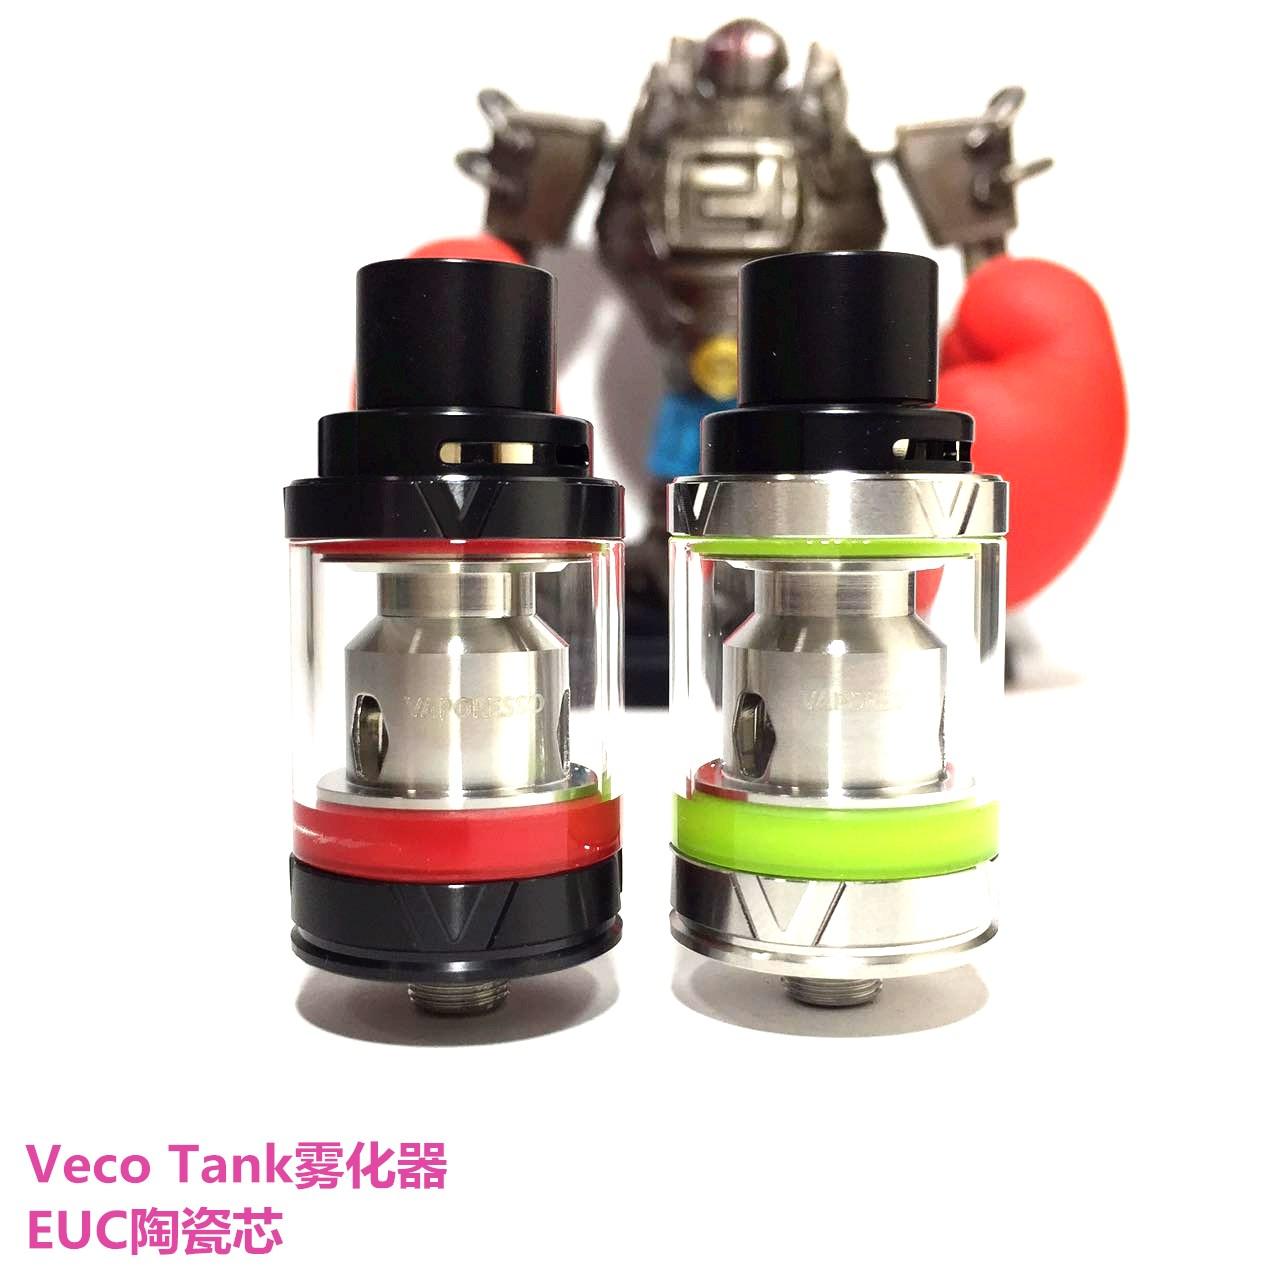 Vaporesso authorized genuine VecoTank electronic atomizer finished product atomizer ceramic core taste